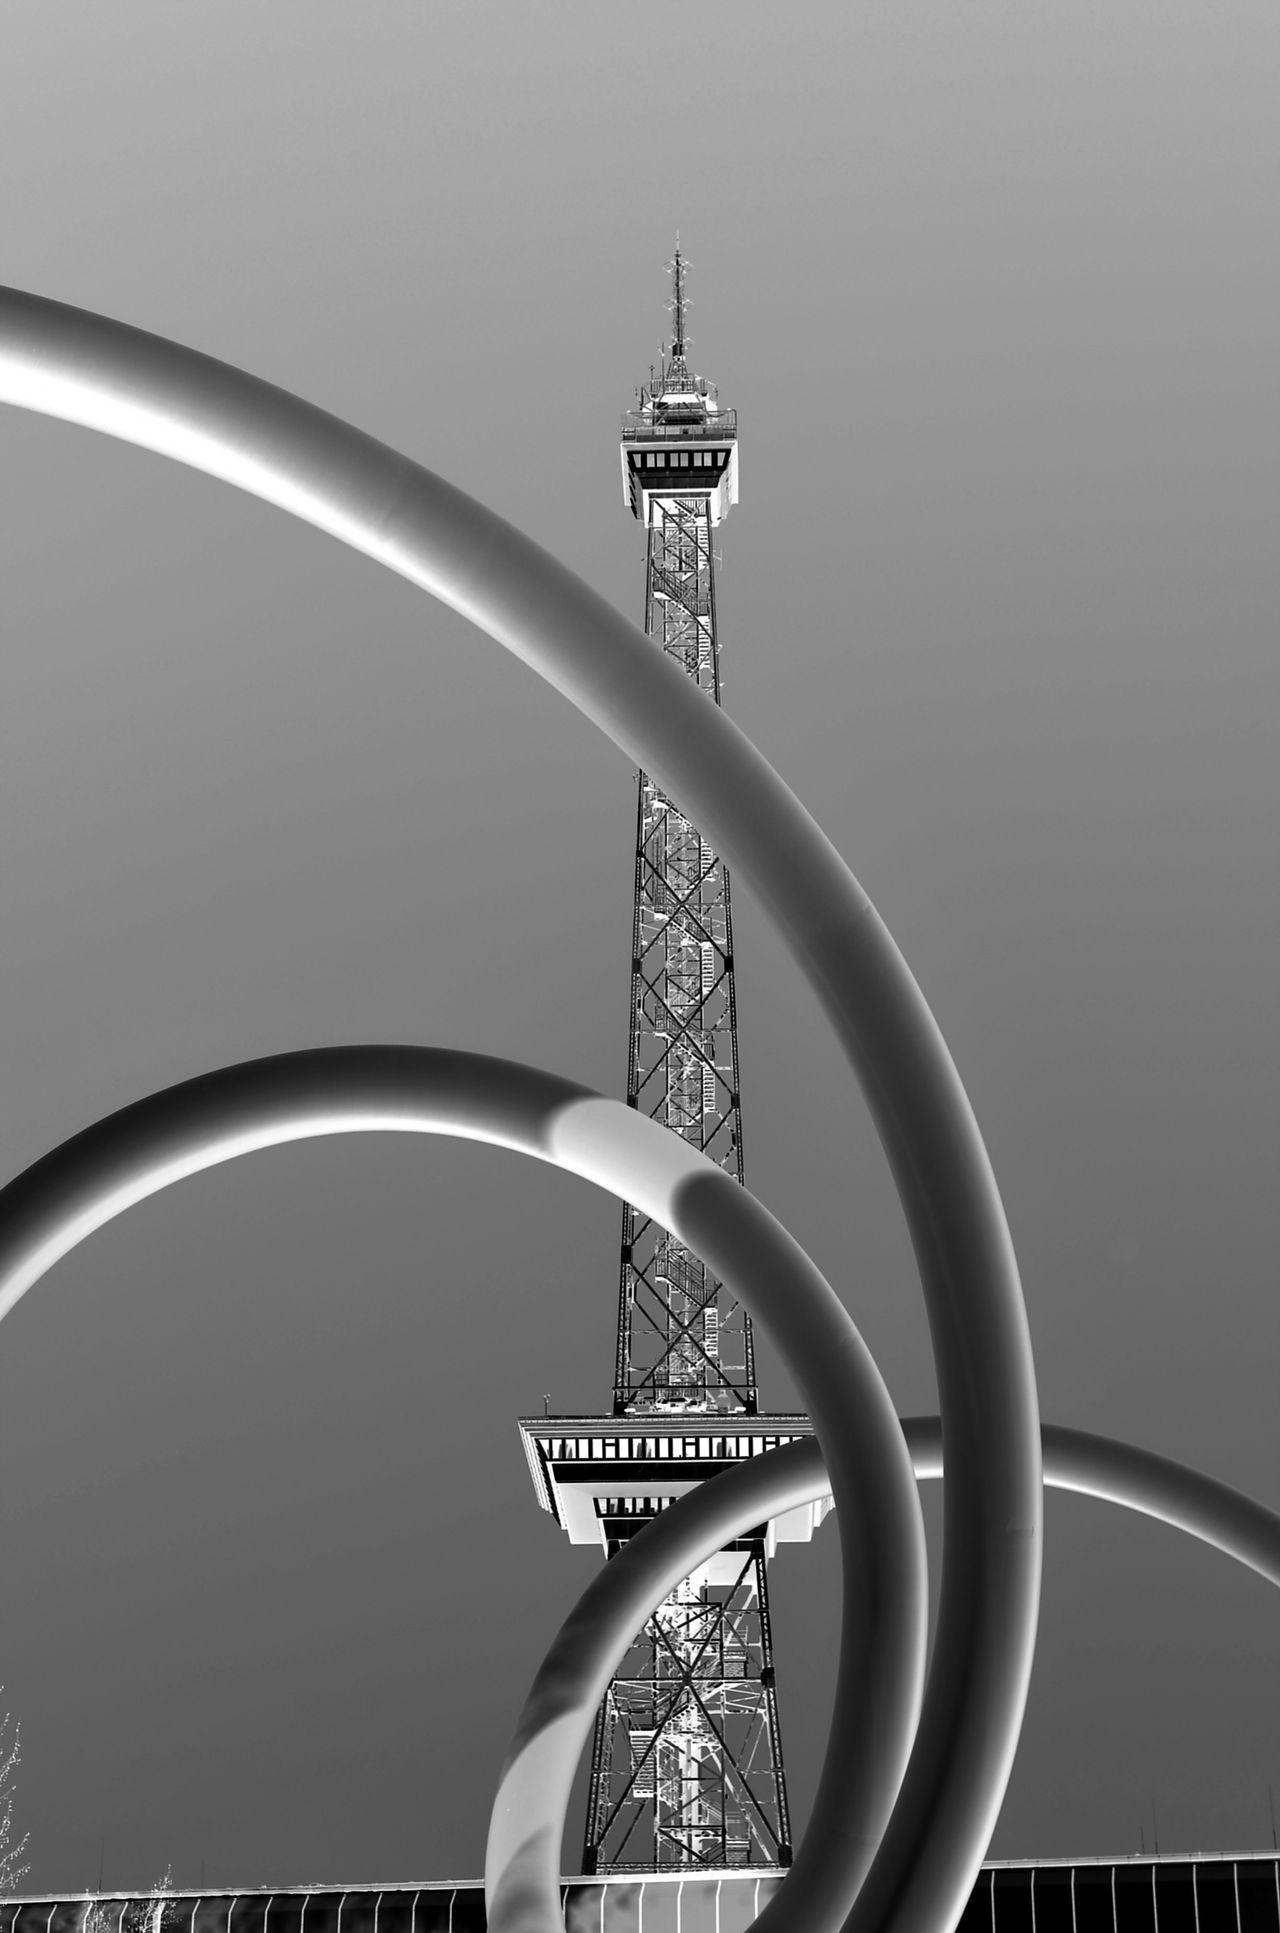 Berlin Photography Funkturm Berlin Loop Black & White BestEyeemShots Architecture Streetart Monochrome Noire Et Blanc Funkturmberlin Berlin Funkturm Eyem Best Shots Noir Et Blanc Looping Steel Structure